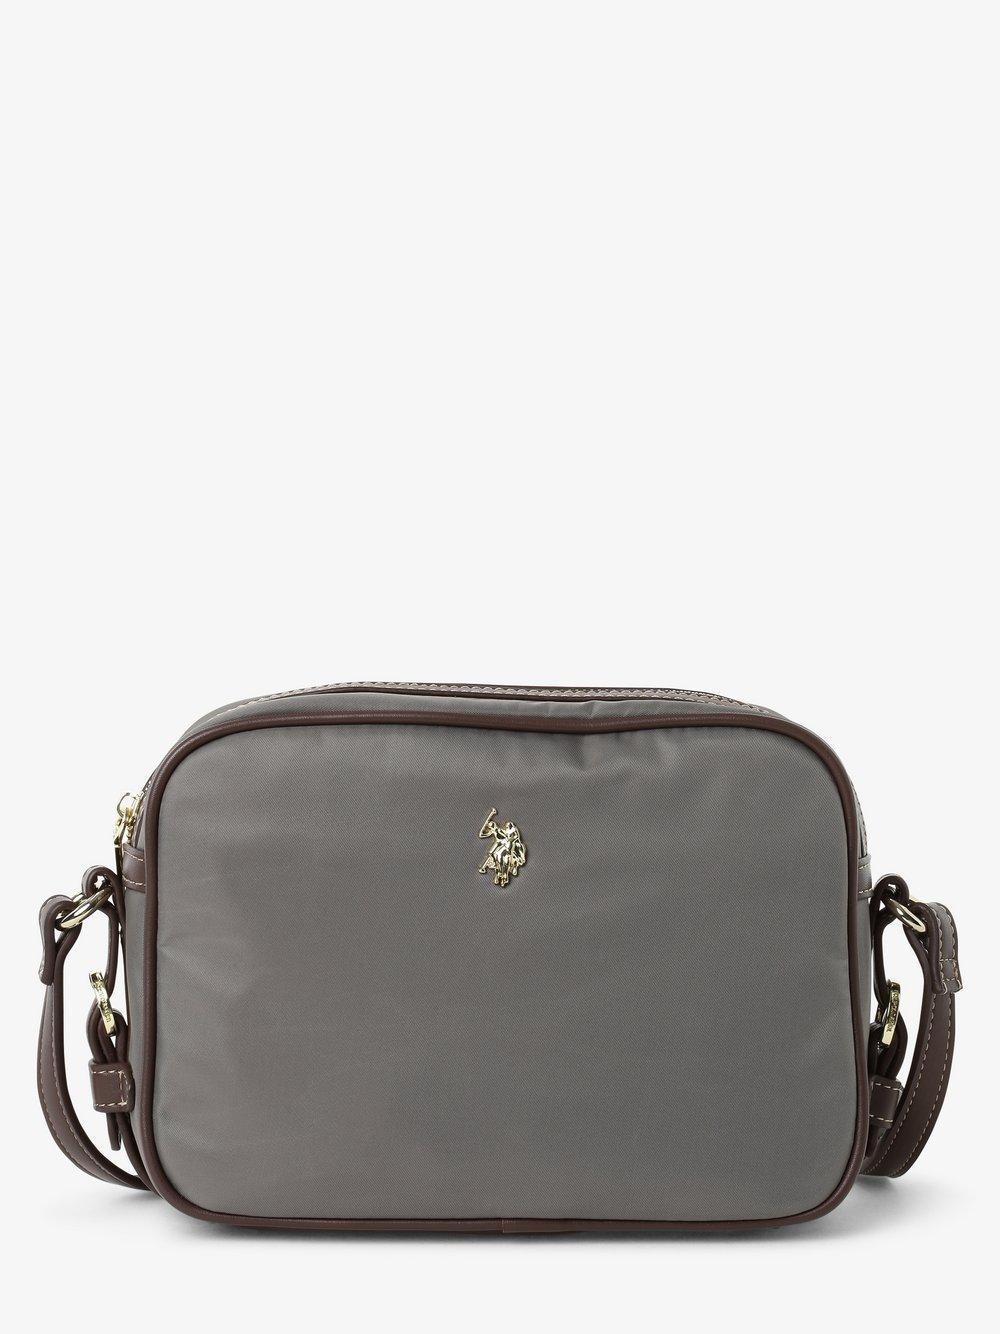 U.S. Polo Assn. – Damska torba na ramię – Houston, szary Van Graaf 485256-0001-00000